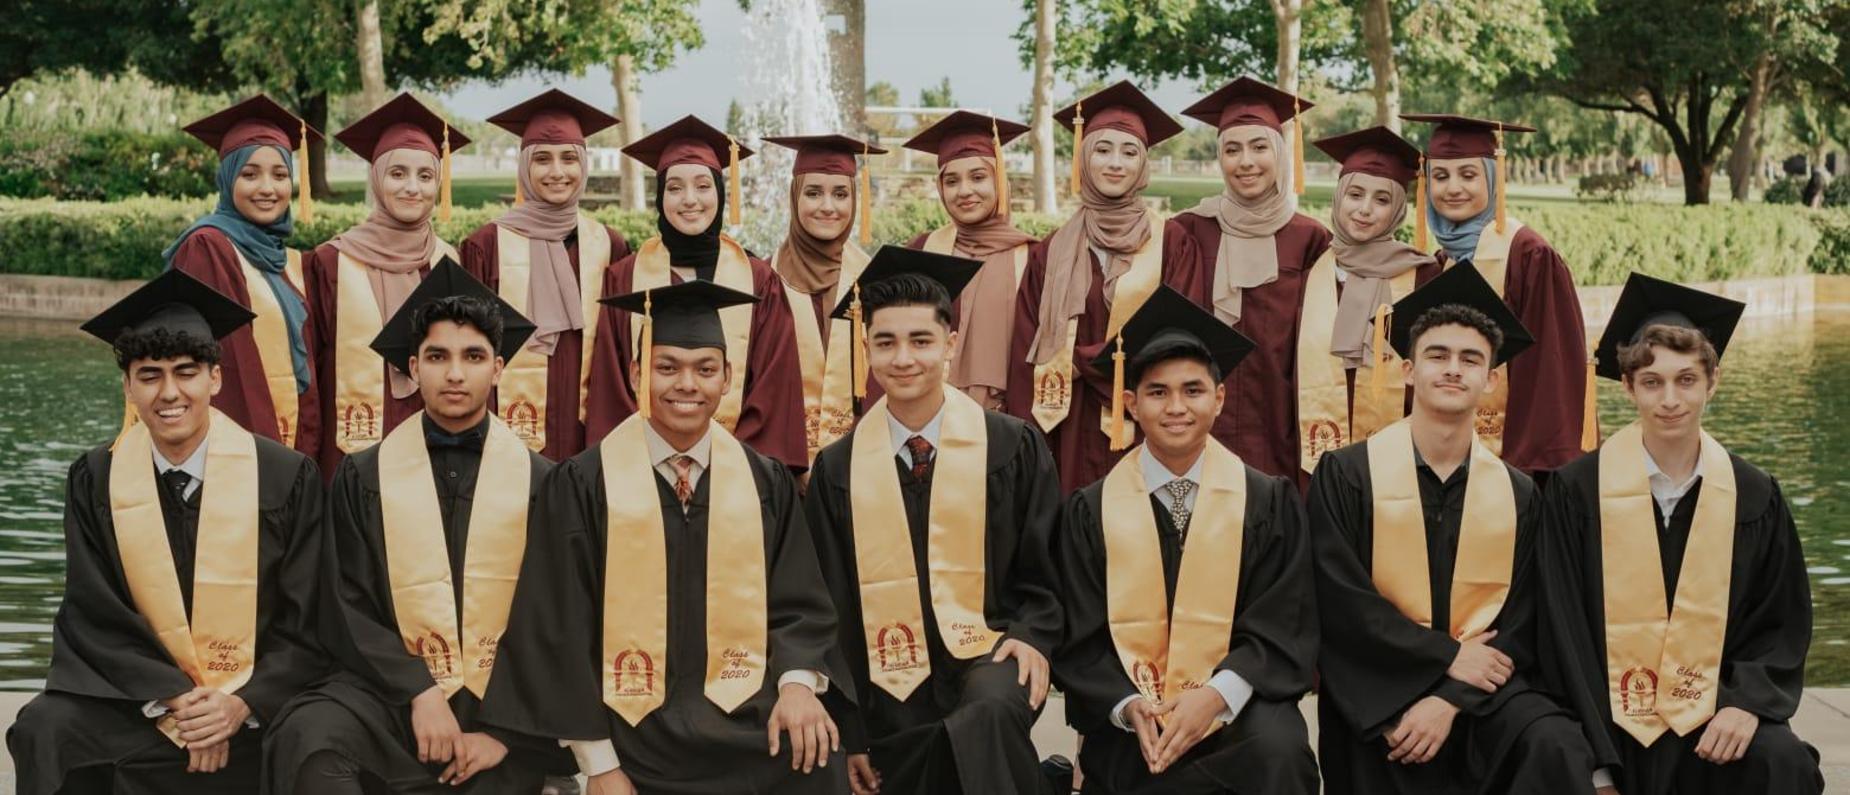 2020-2021 Senior Graduates